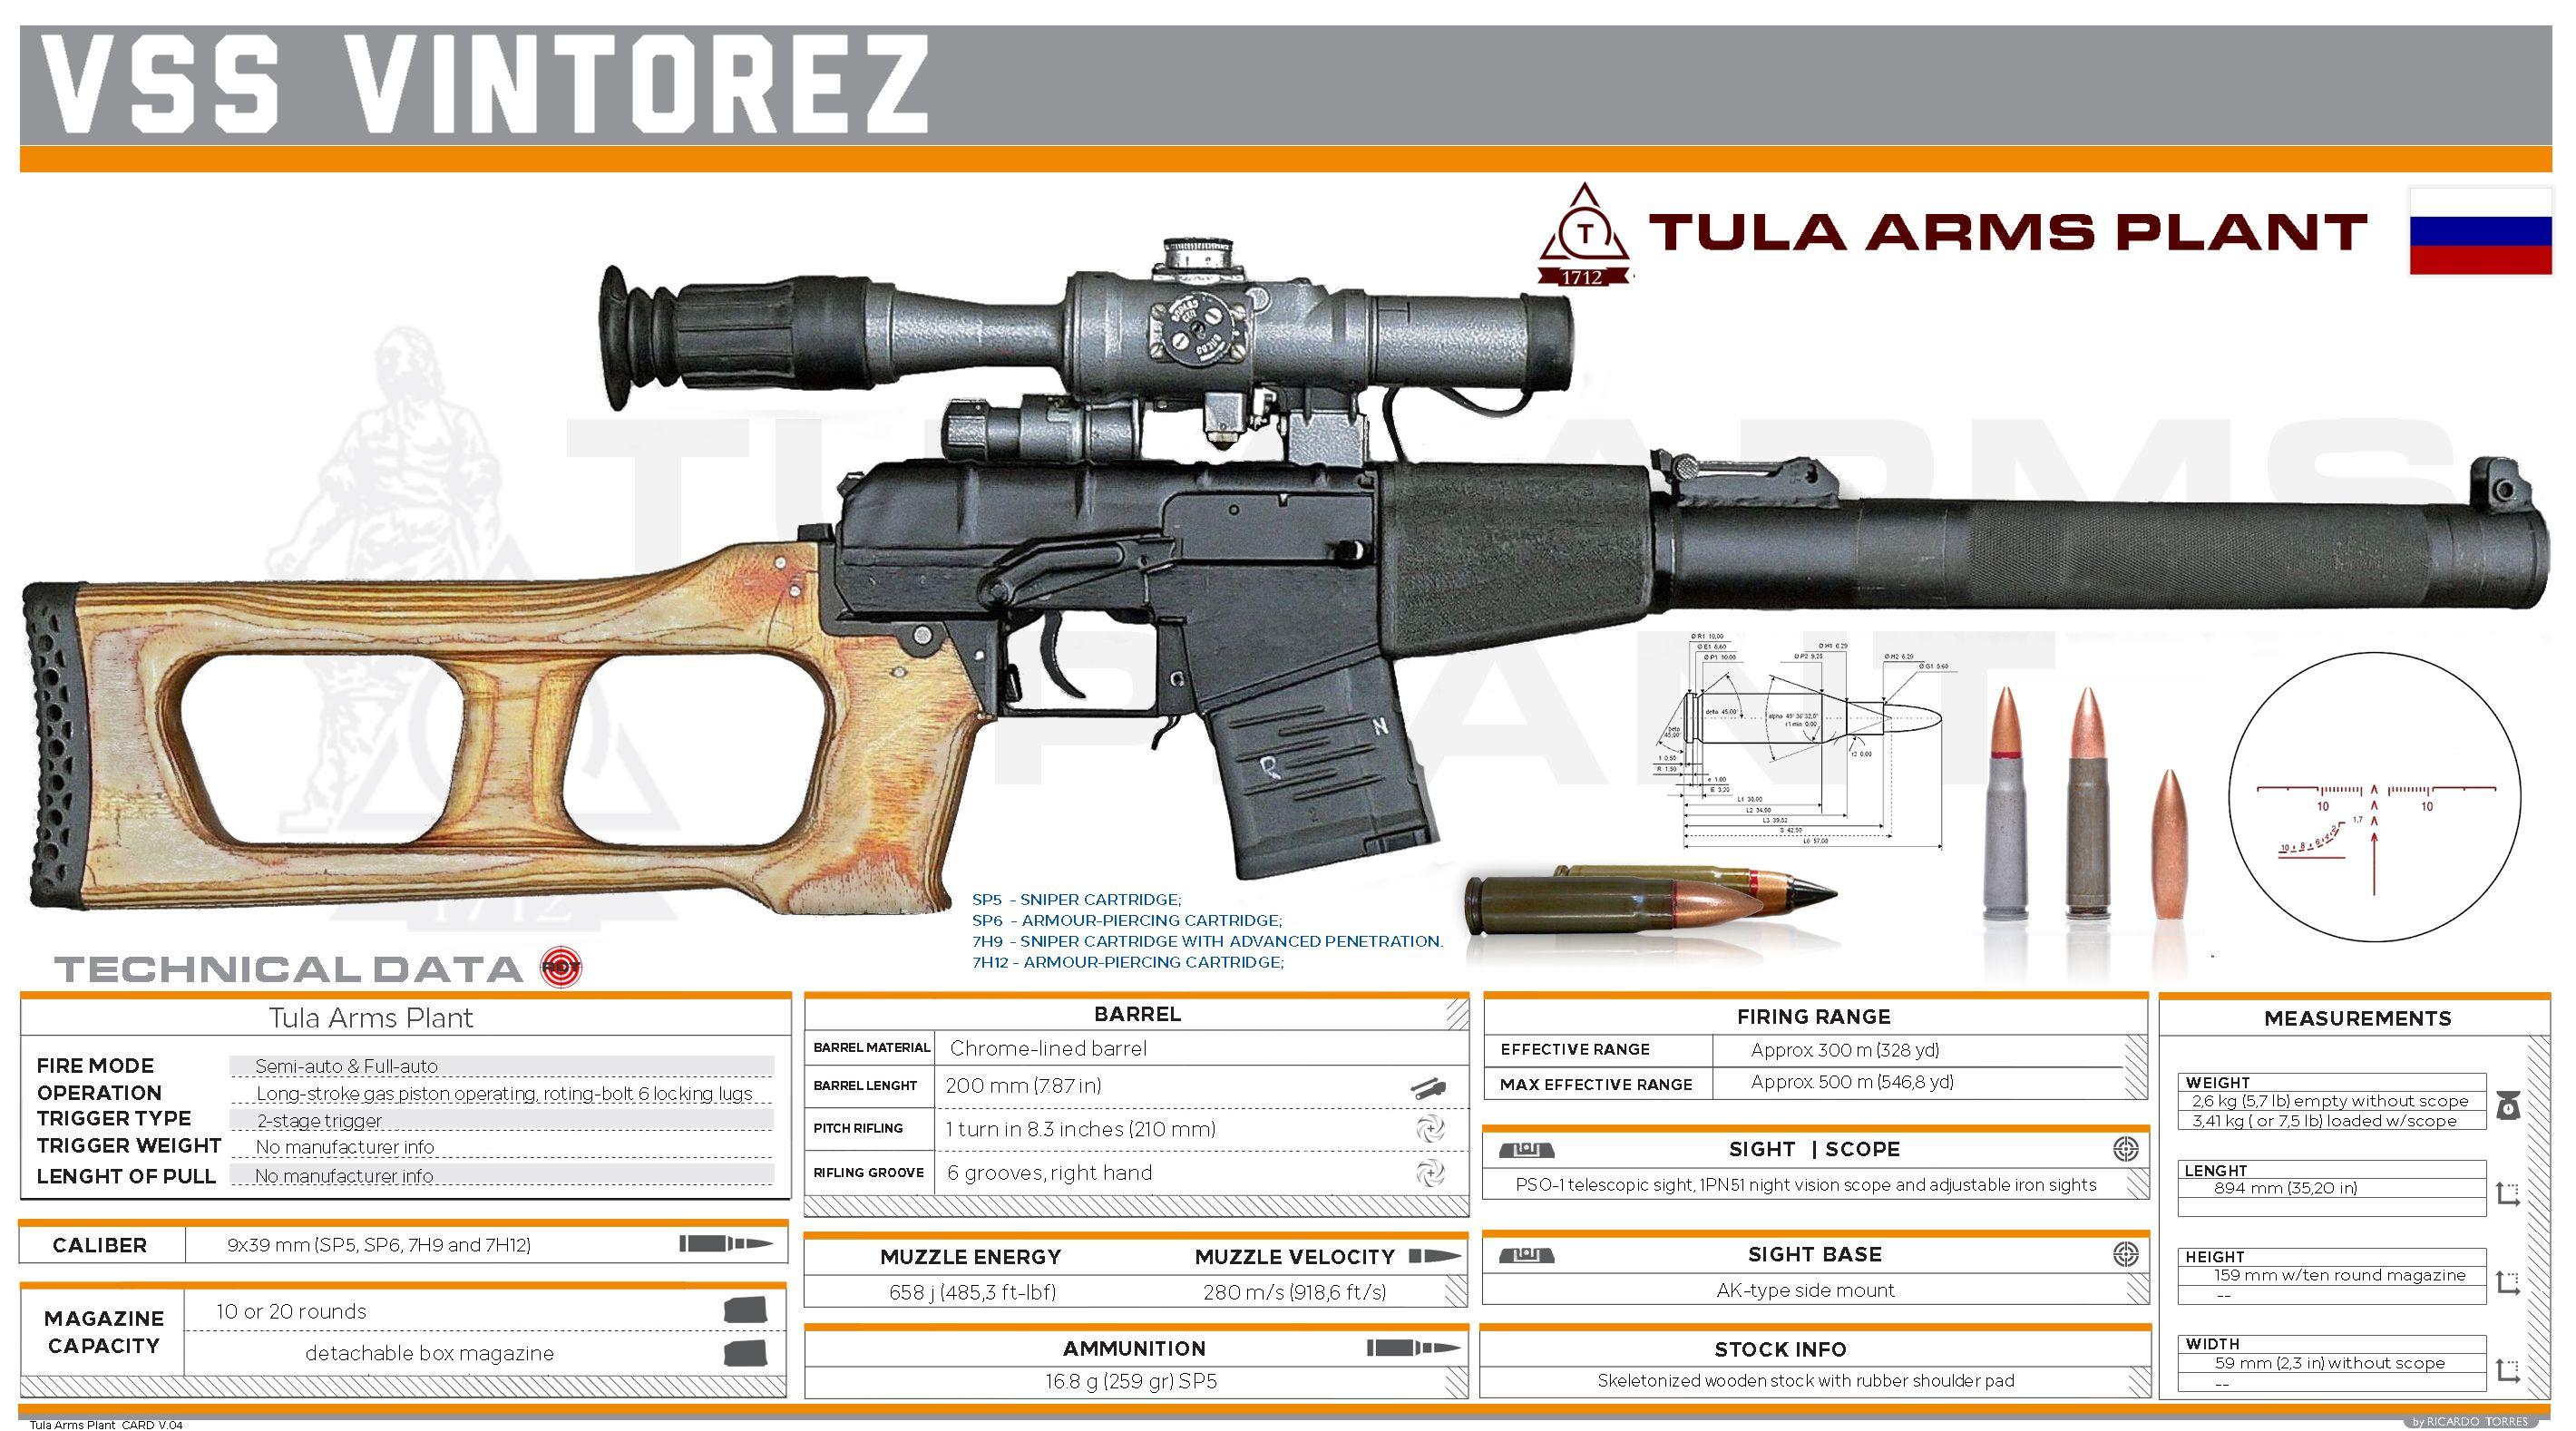 Vss Vintorez Vss Vintorez Military Guns Firearms